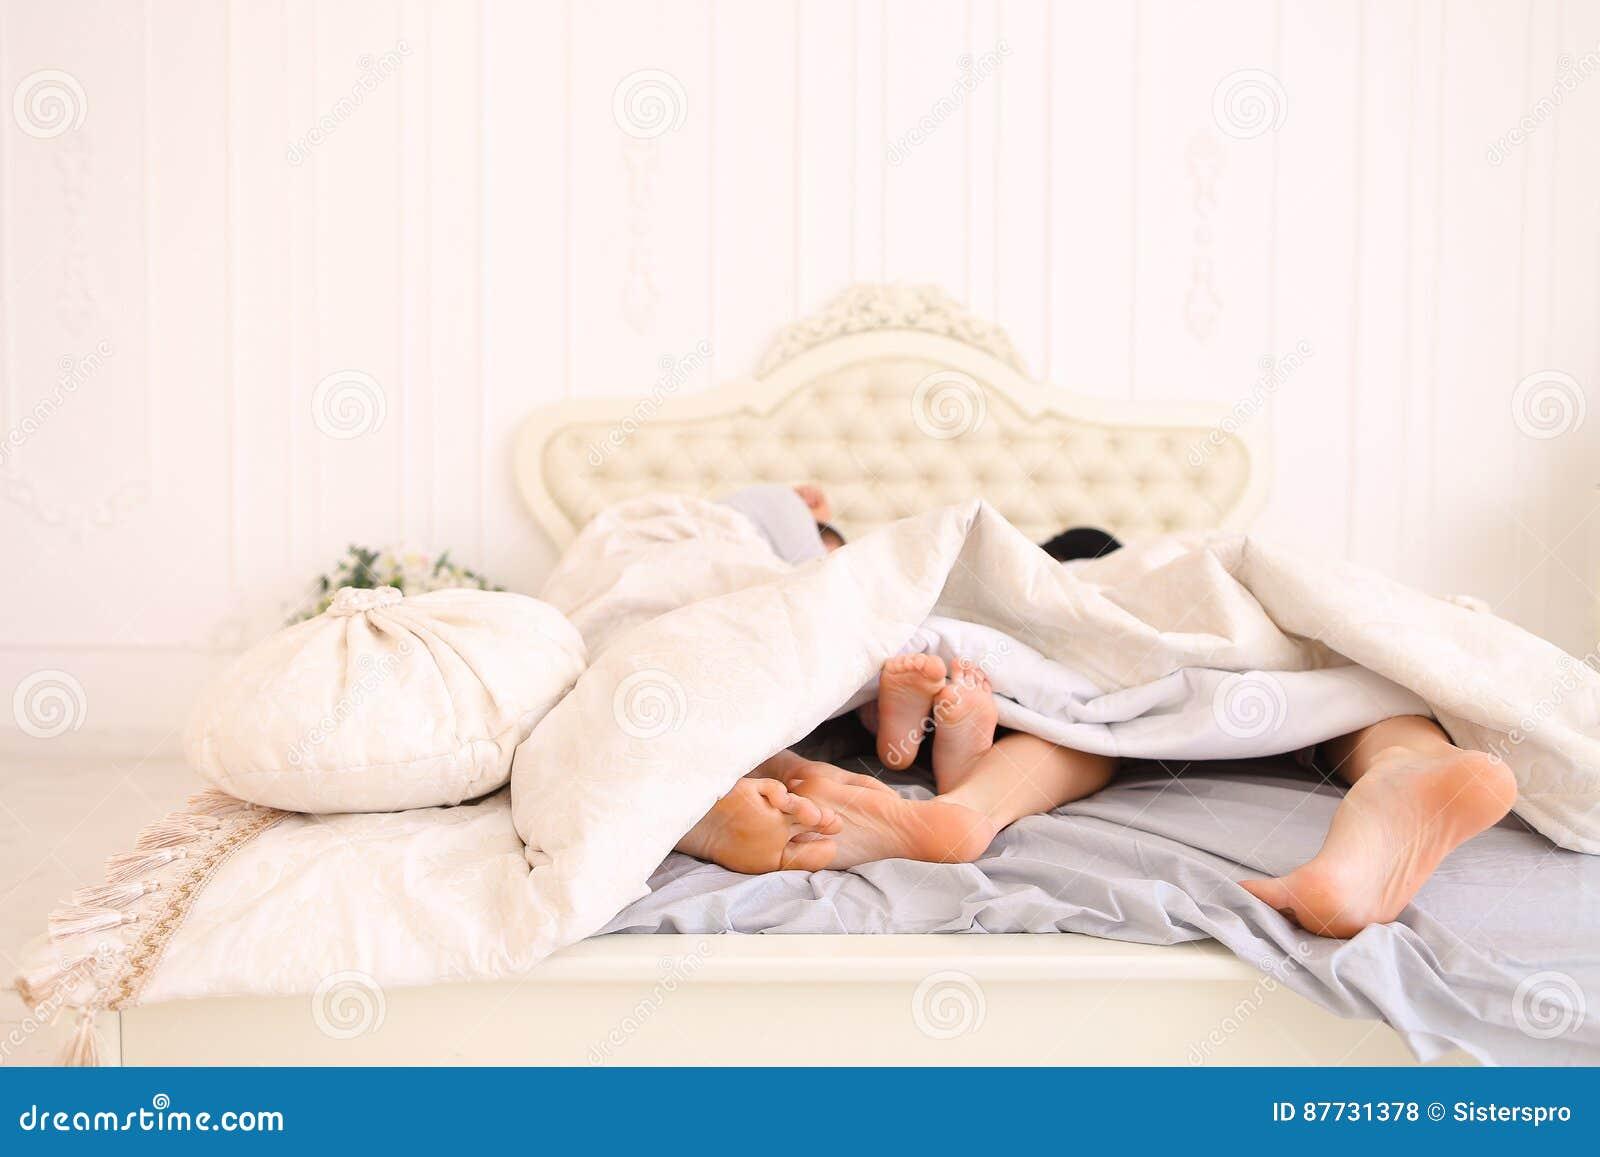 Nahaufnahmefamilienfusse Die Auf Bett Liegen Und Schlafen Stockfoto